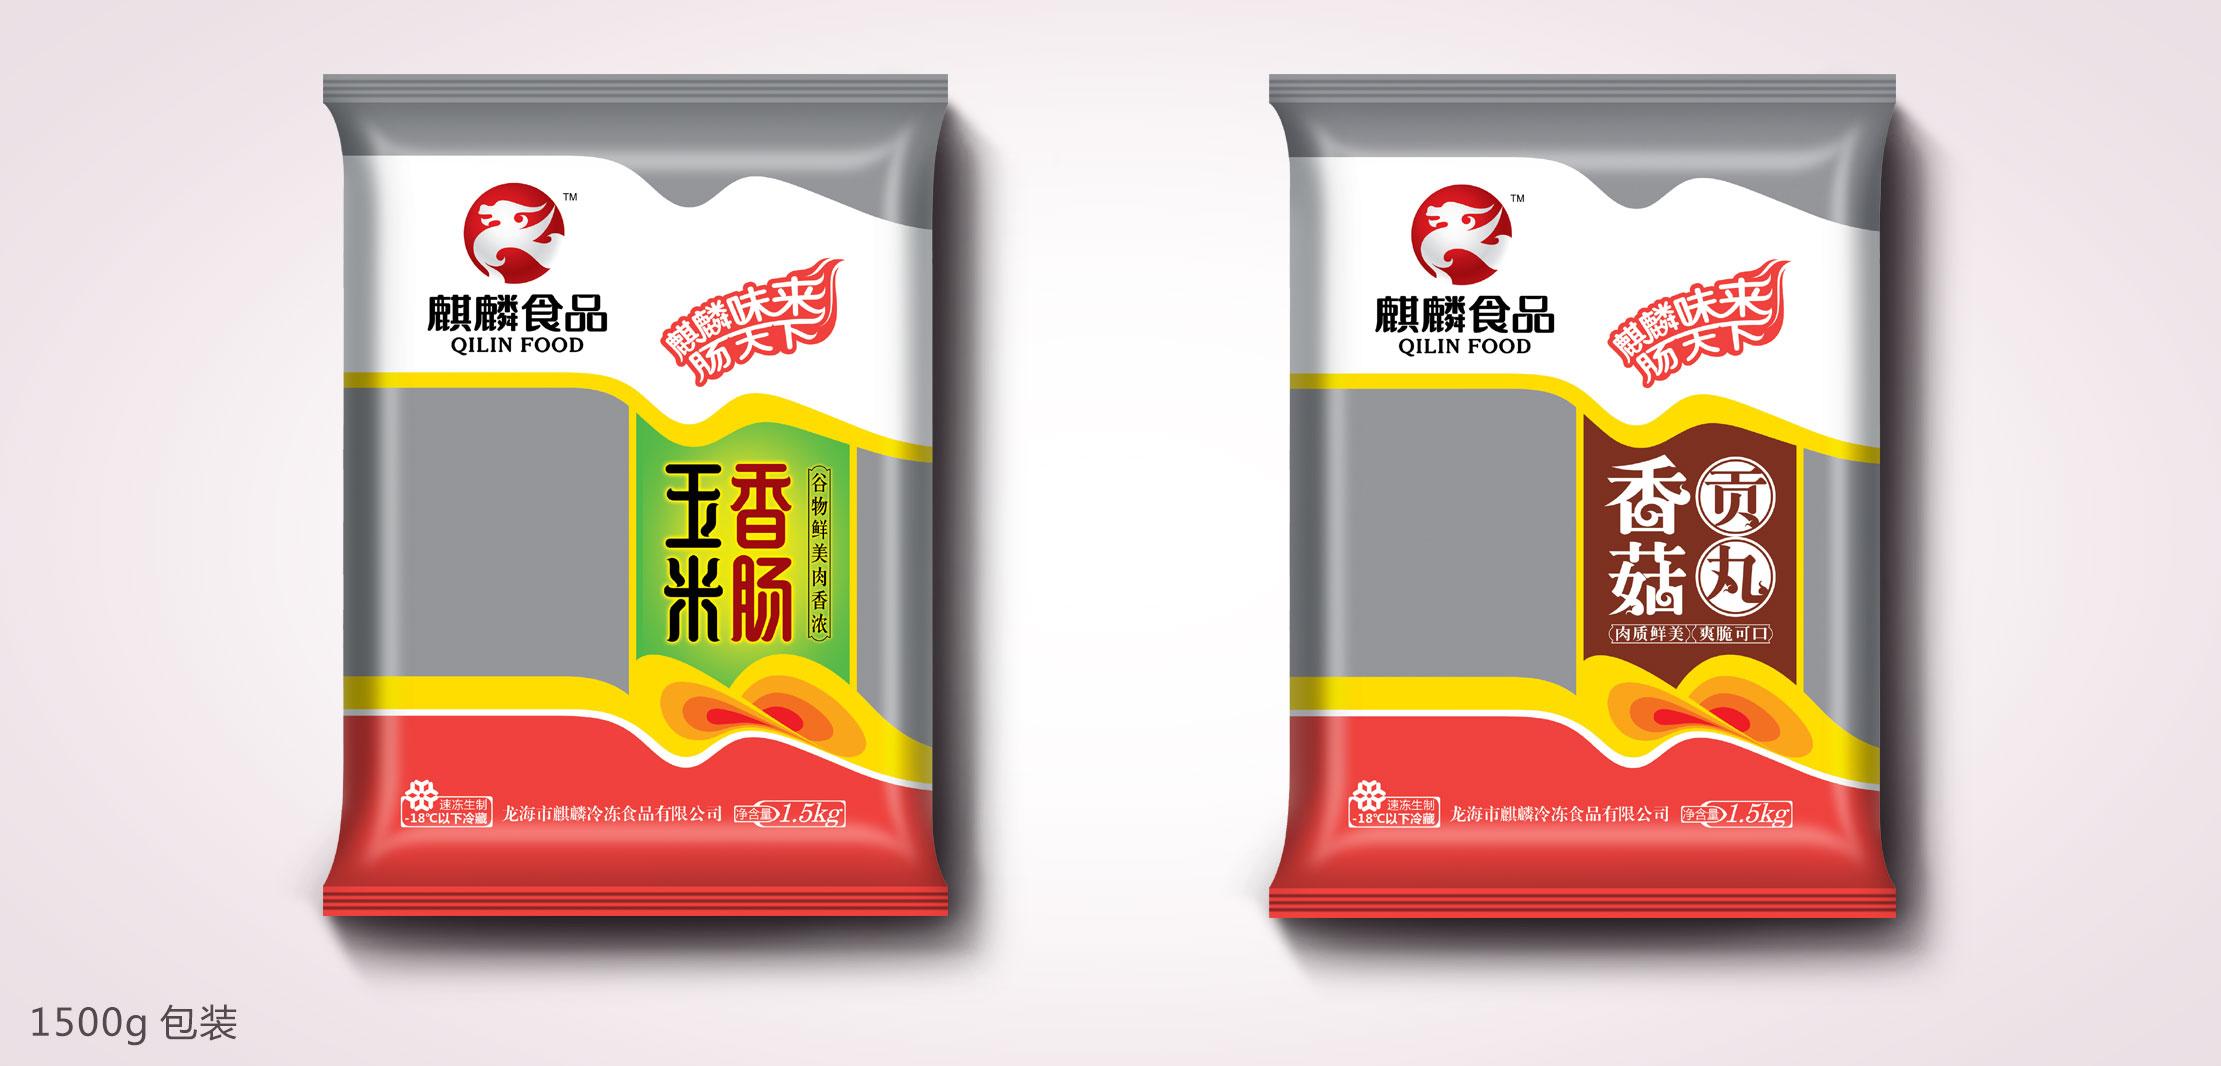 baozhuang-4